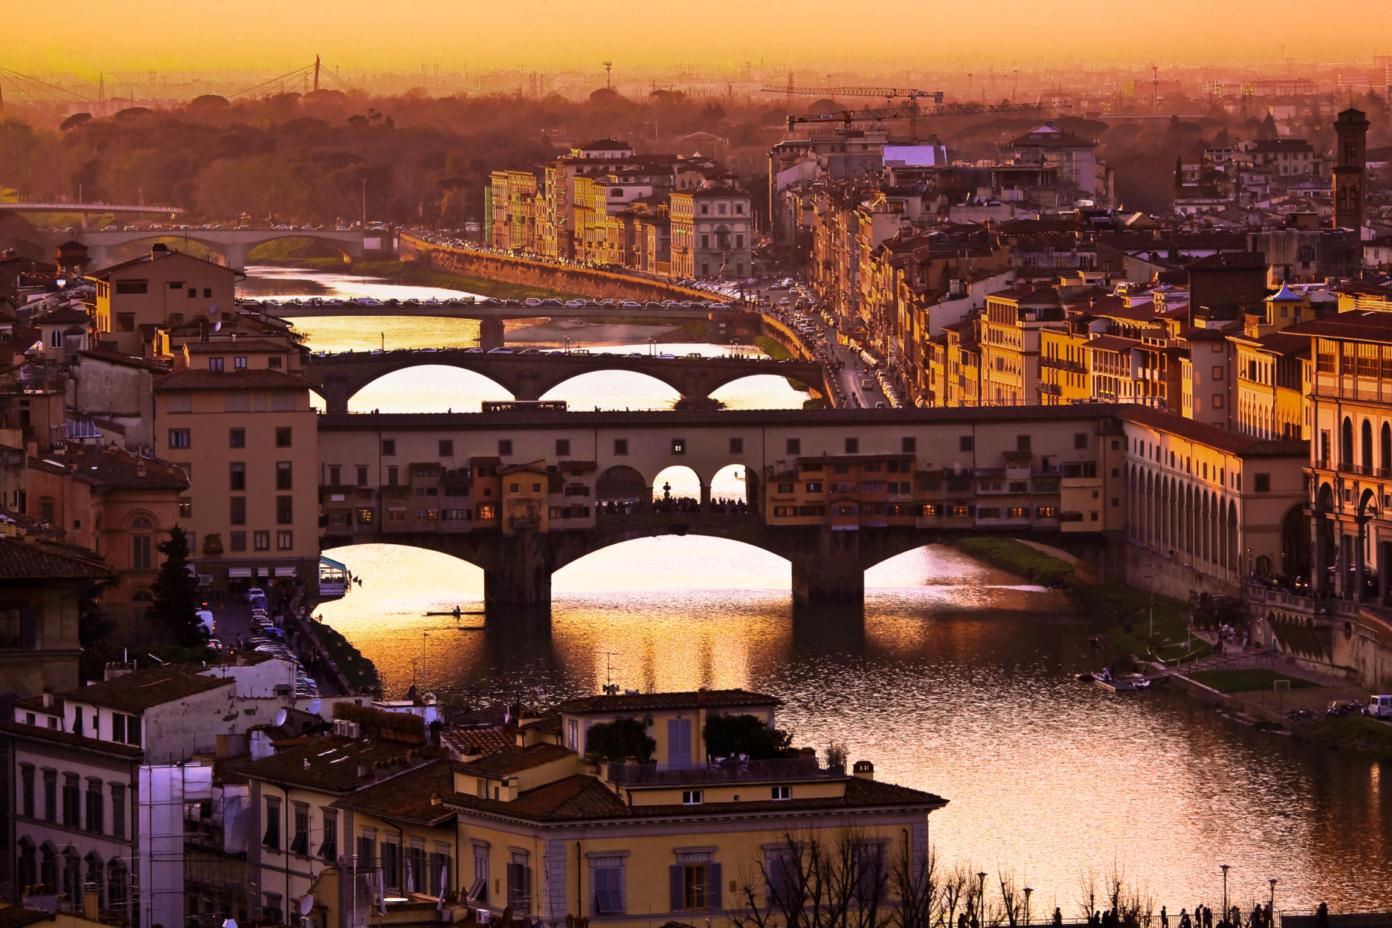 tramonto-sul-ponte-vecchio-2d7c588f-85fc-4622-80c4-688d1d544157